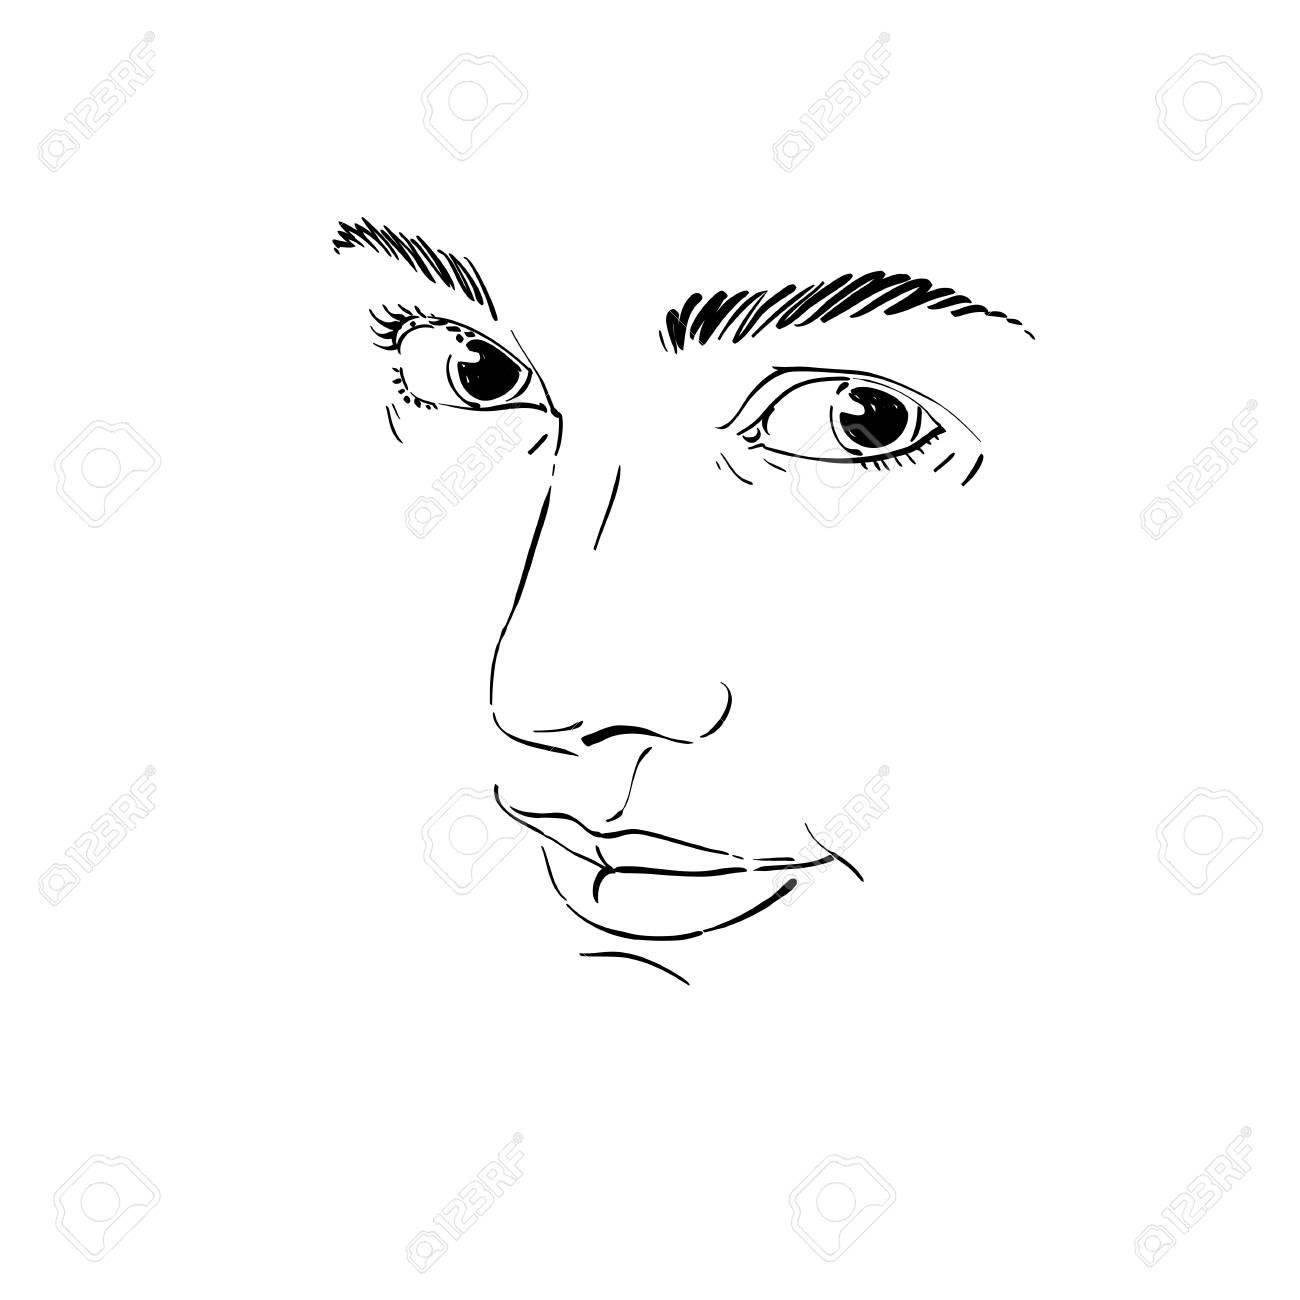 Portrait De Tendre Rêveur Encore Femme Dessin Vectoriel Noir Et Blanc Image Dexpressions émotionnelles Caractéristiques Du Visage Illustration